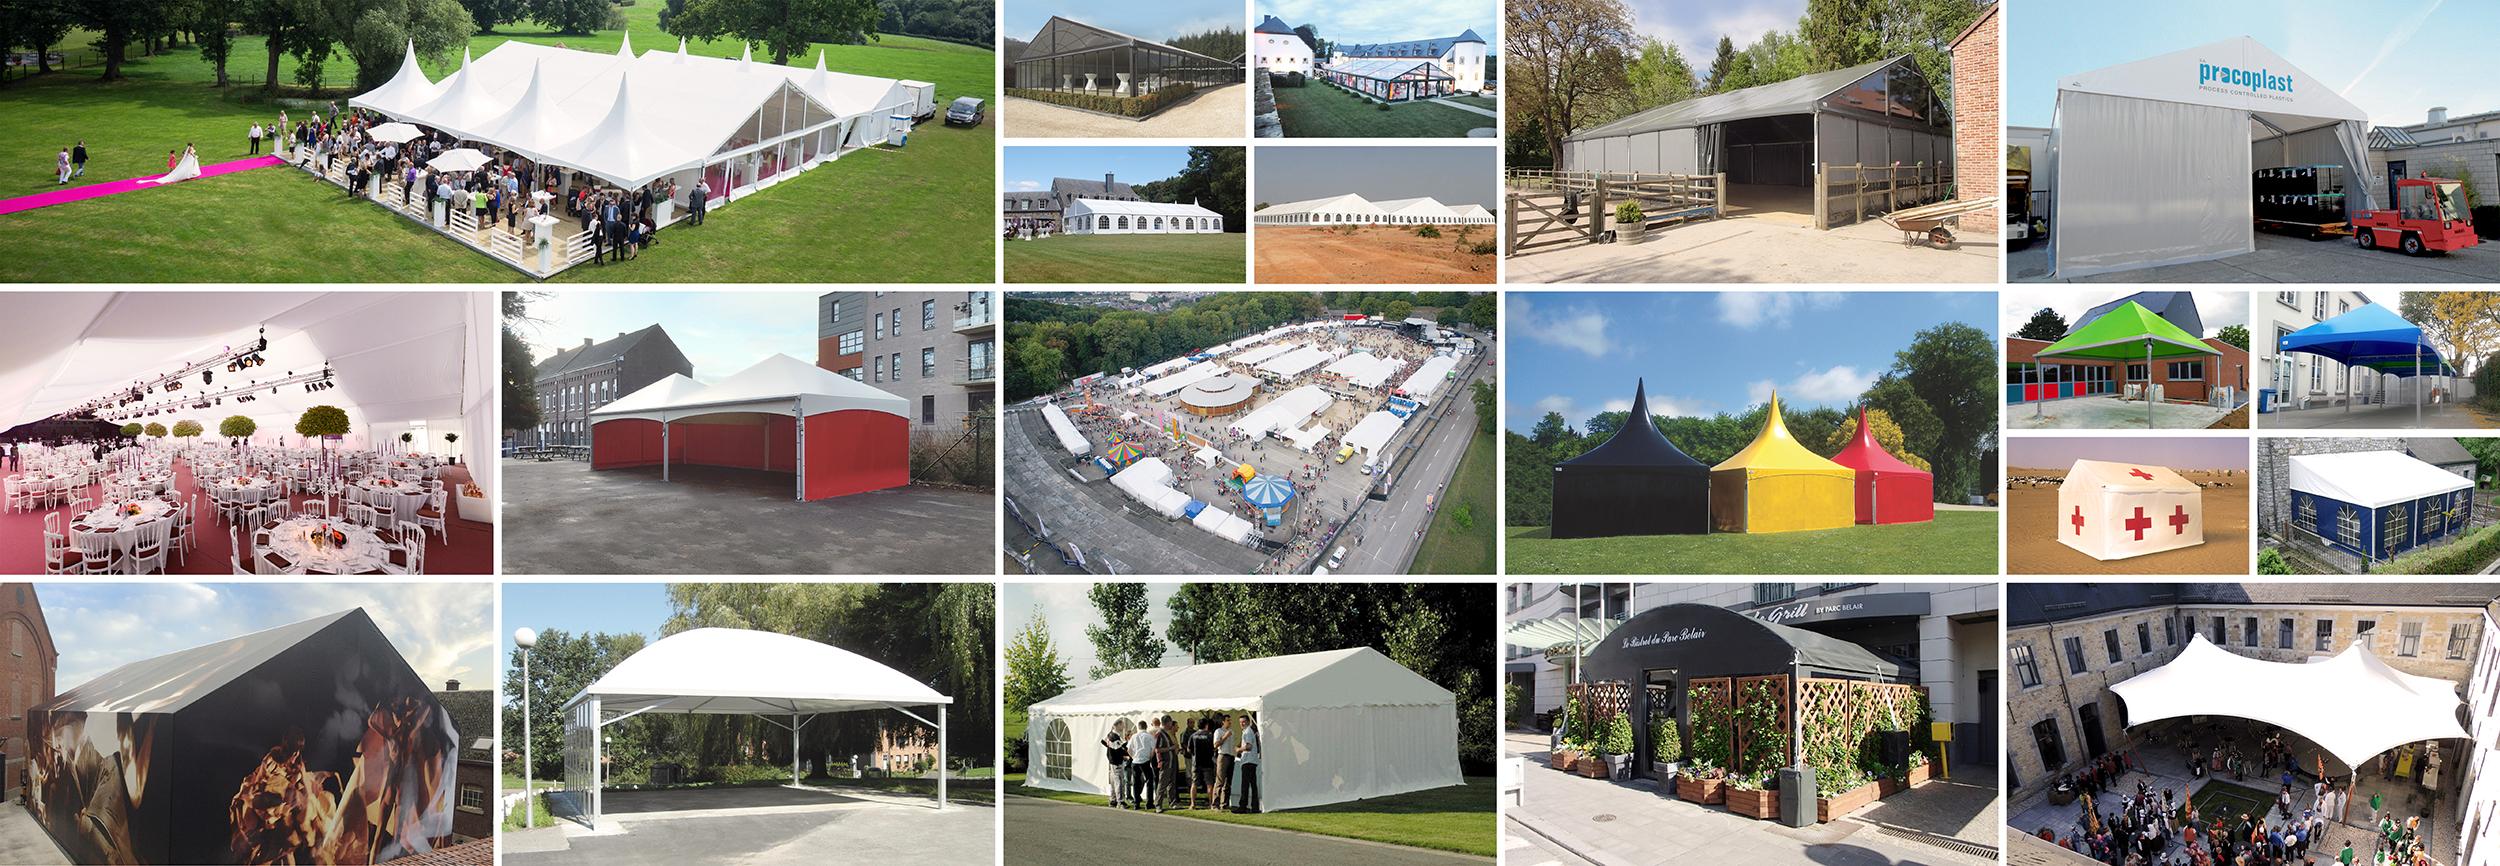 Fabricant de b ches tentes et chapiteaux fabrication schreiber s a since 1815 www - Salon des maires et des collectivites locales ...